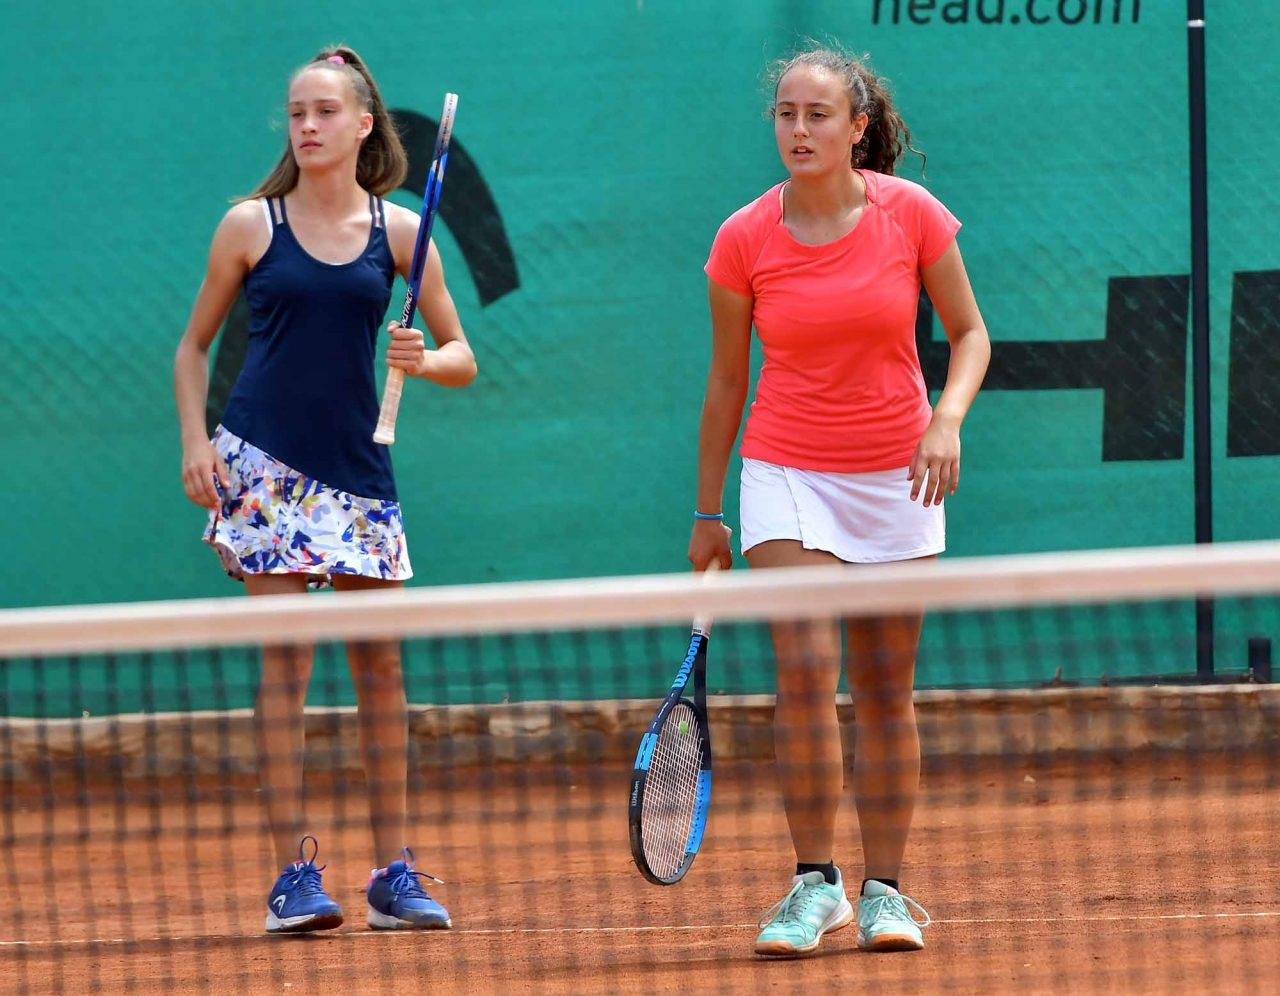 Държавно първенство тенис до 14 год. ТК 15-40 финал двойки (19)